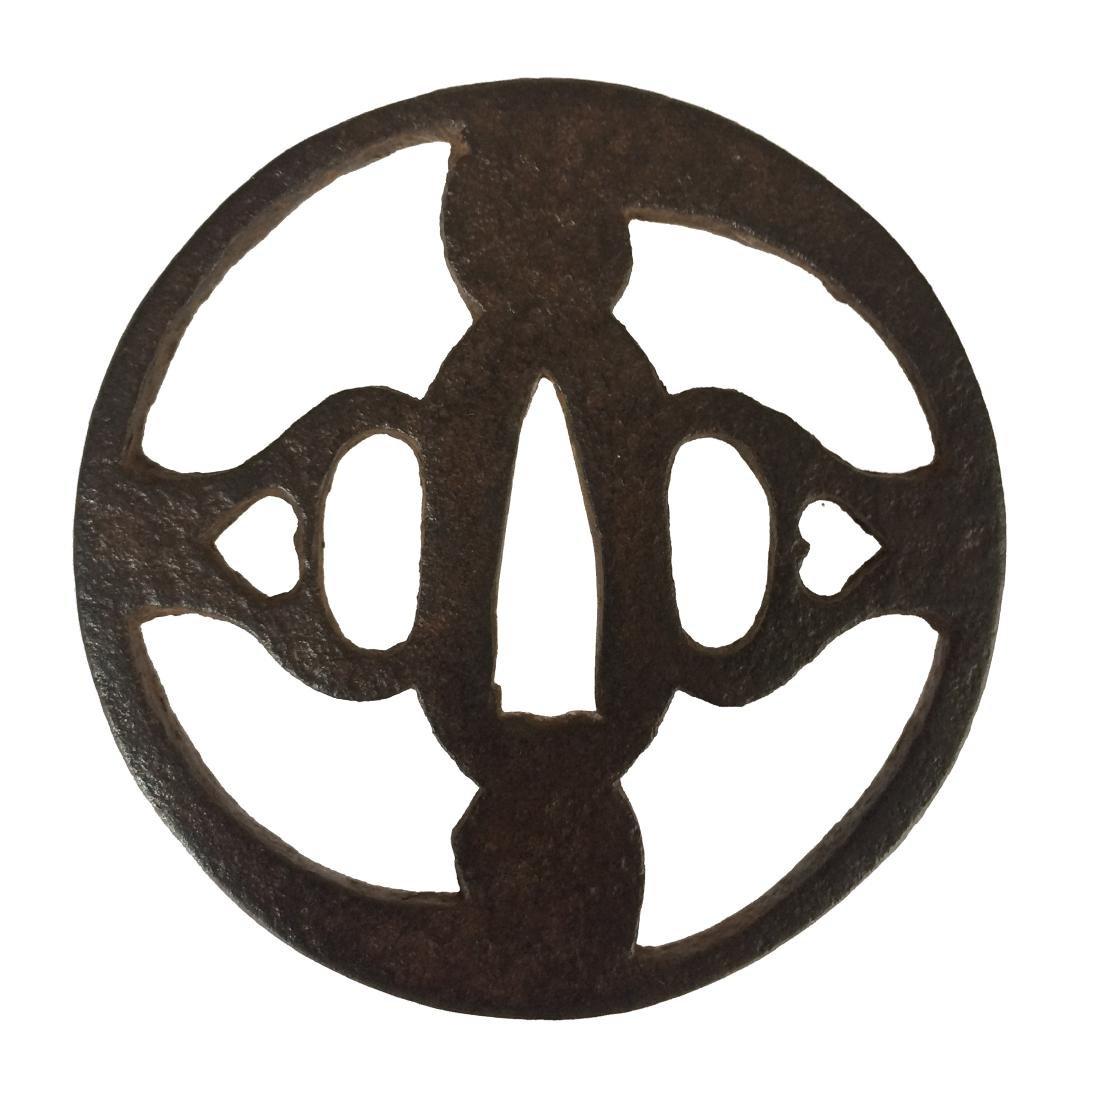 Iron sukashi tsuba with tomoe motif - 2